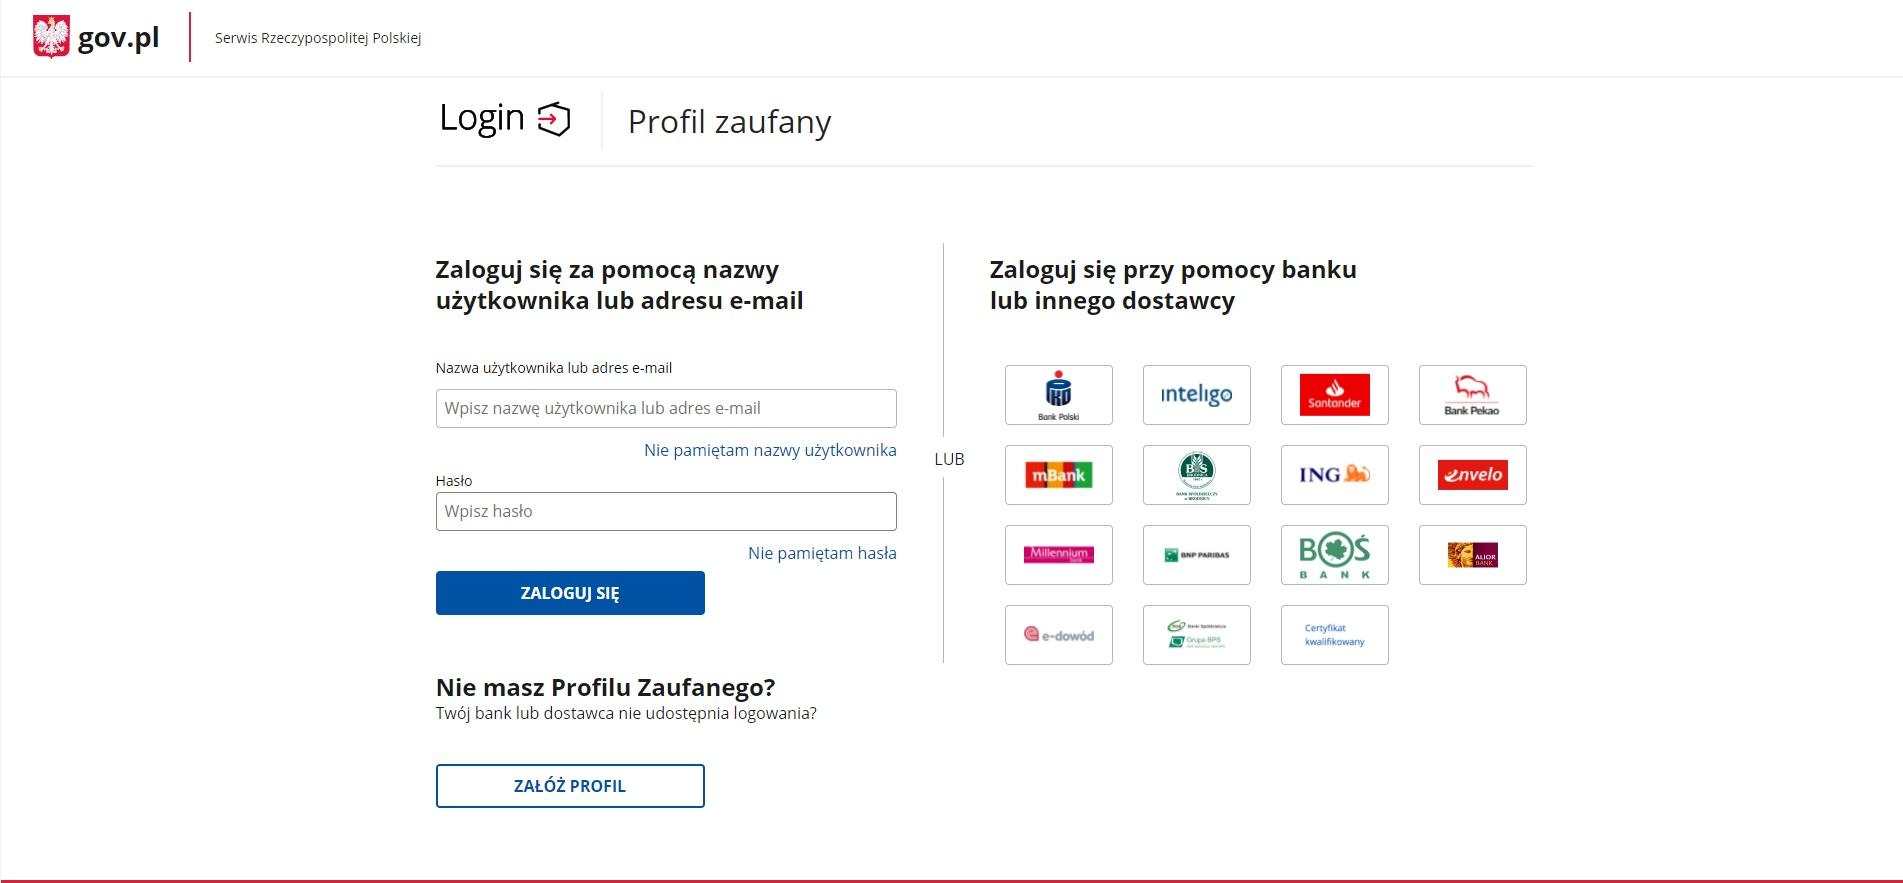 Wybór formy logowania w celu założenia firmy przez internet